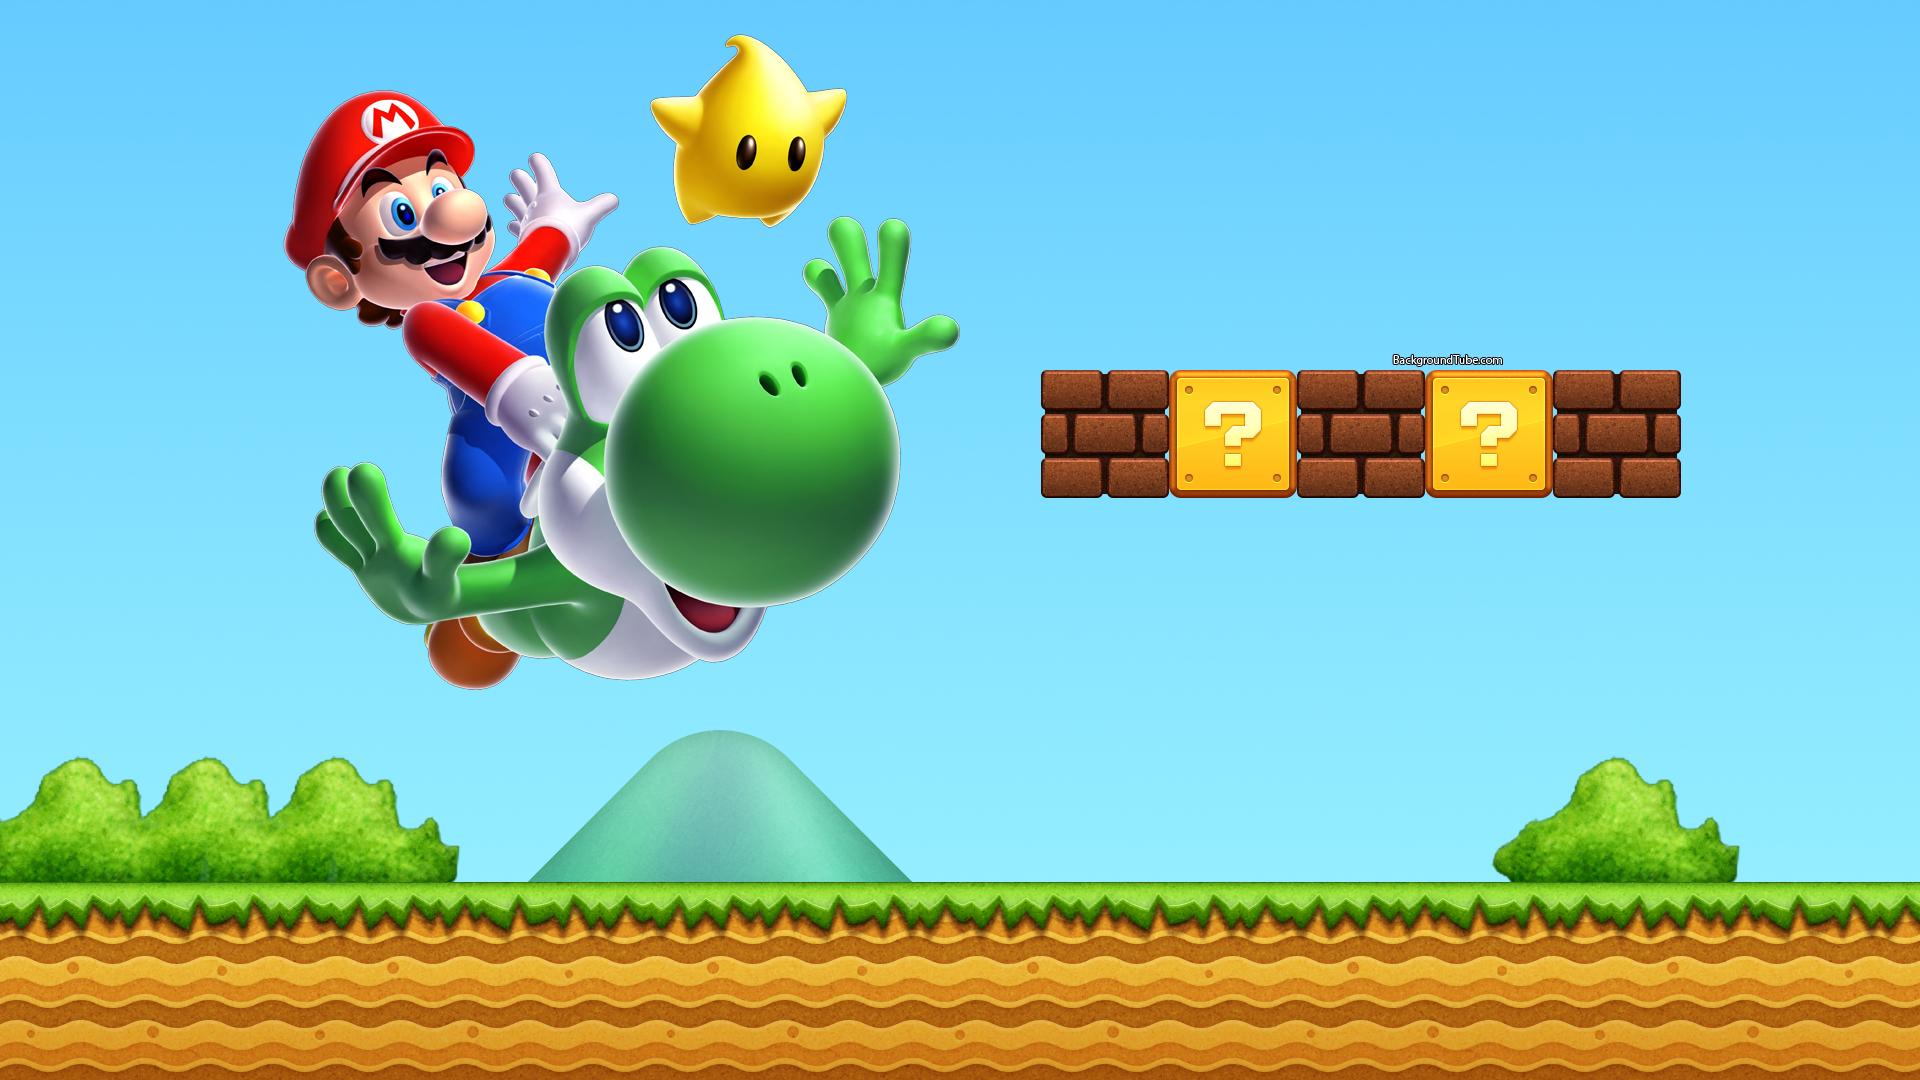 Super Mario Bro Background LatestGames Super mario Mario Games 1920x1080